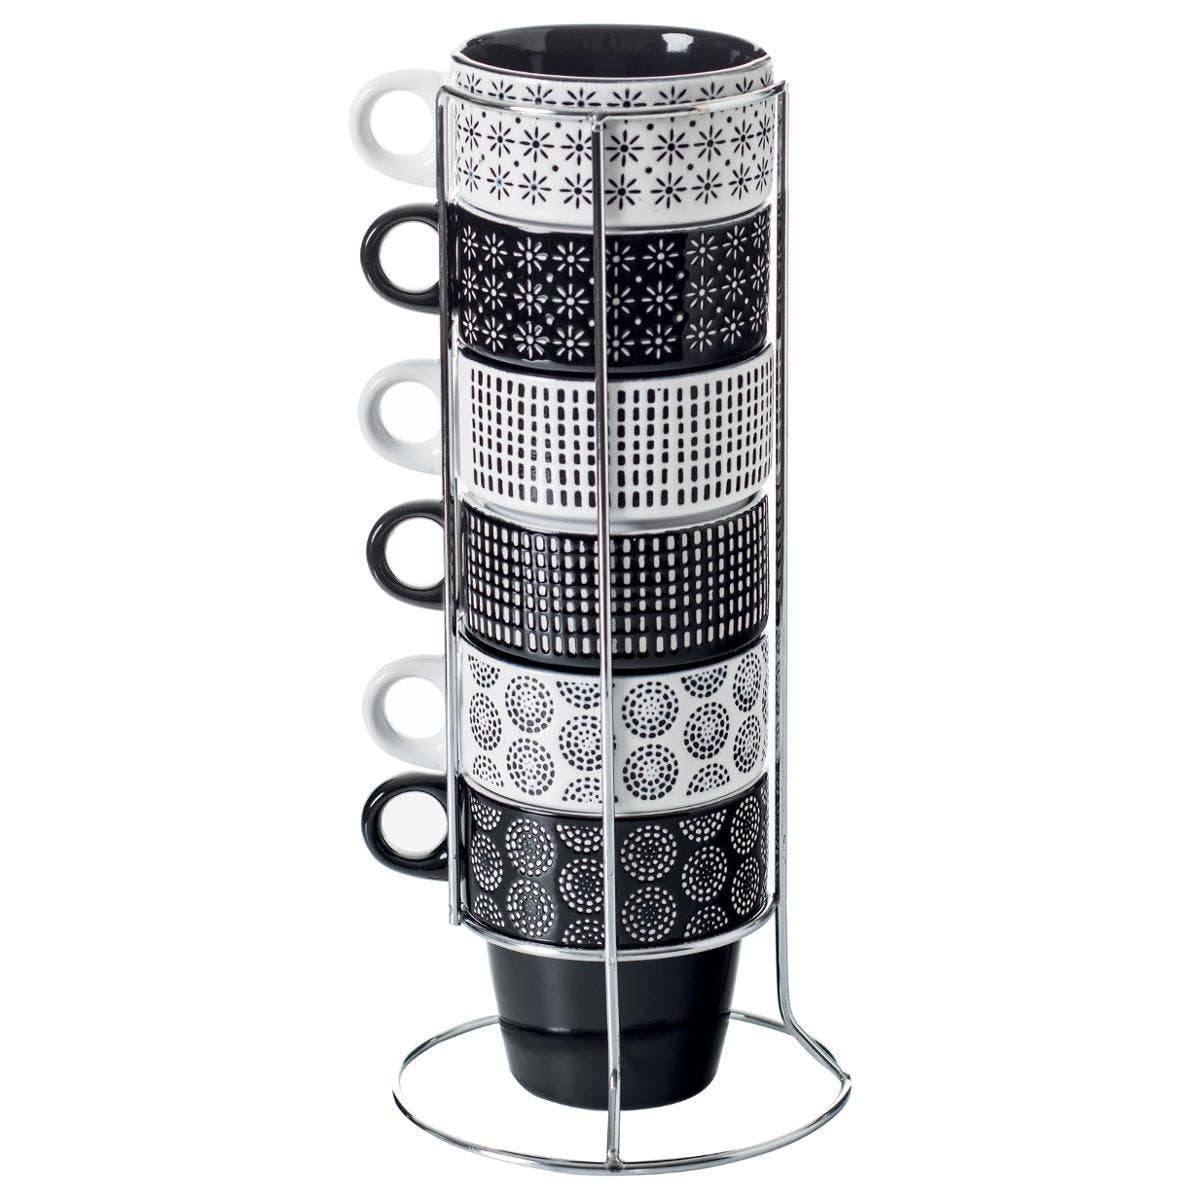 Rack de 6 tasses à anse esprit Ethnique en faience noire et blanche 13,8x13,8xH29,5cm